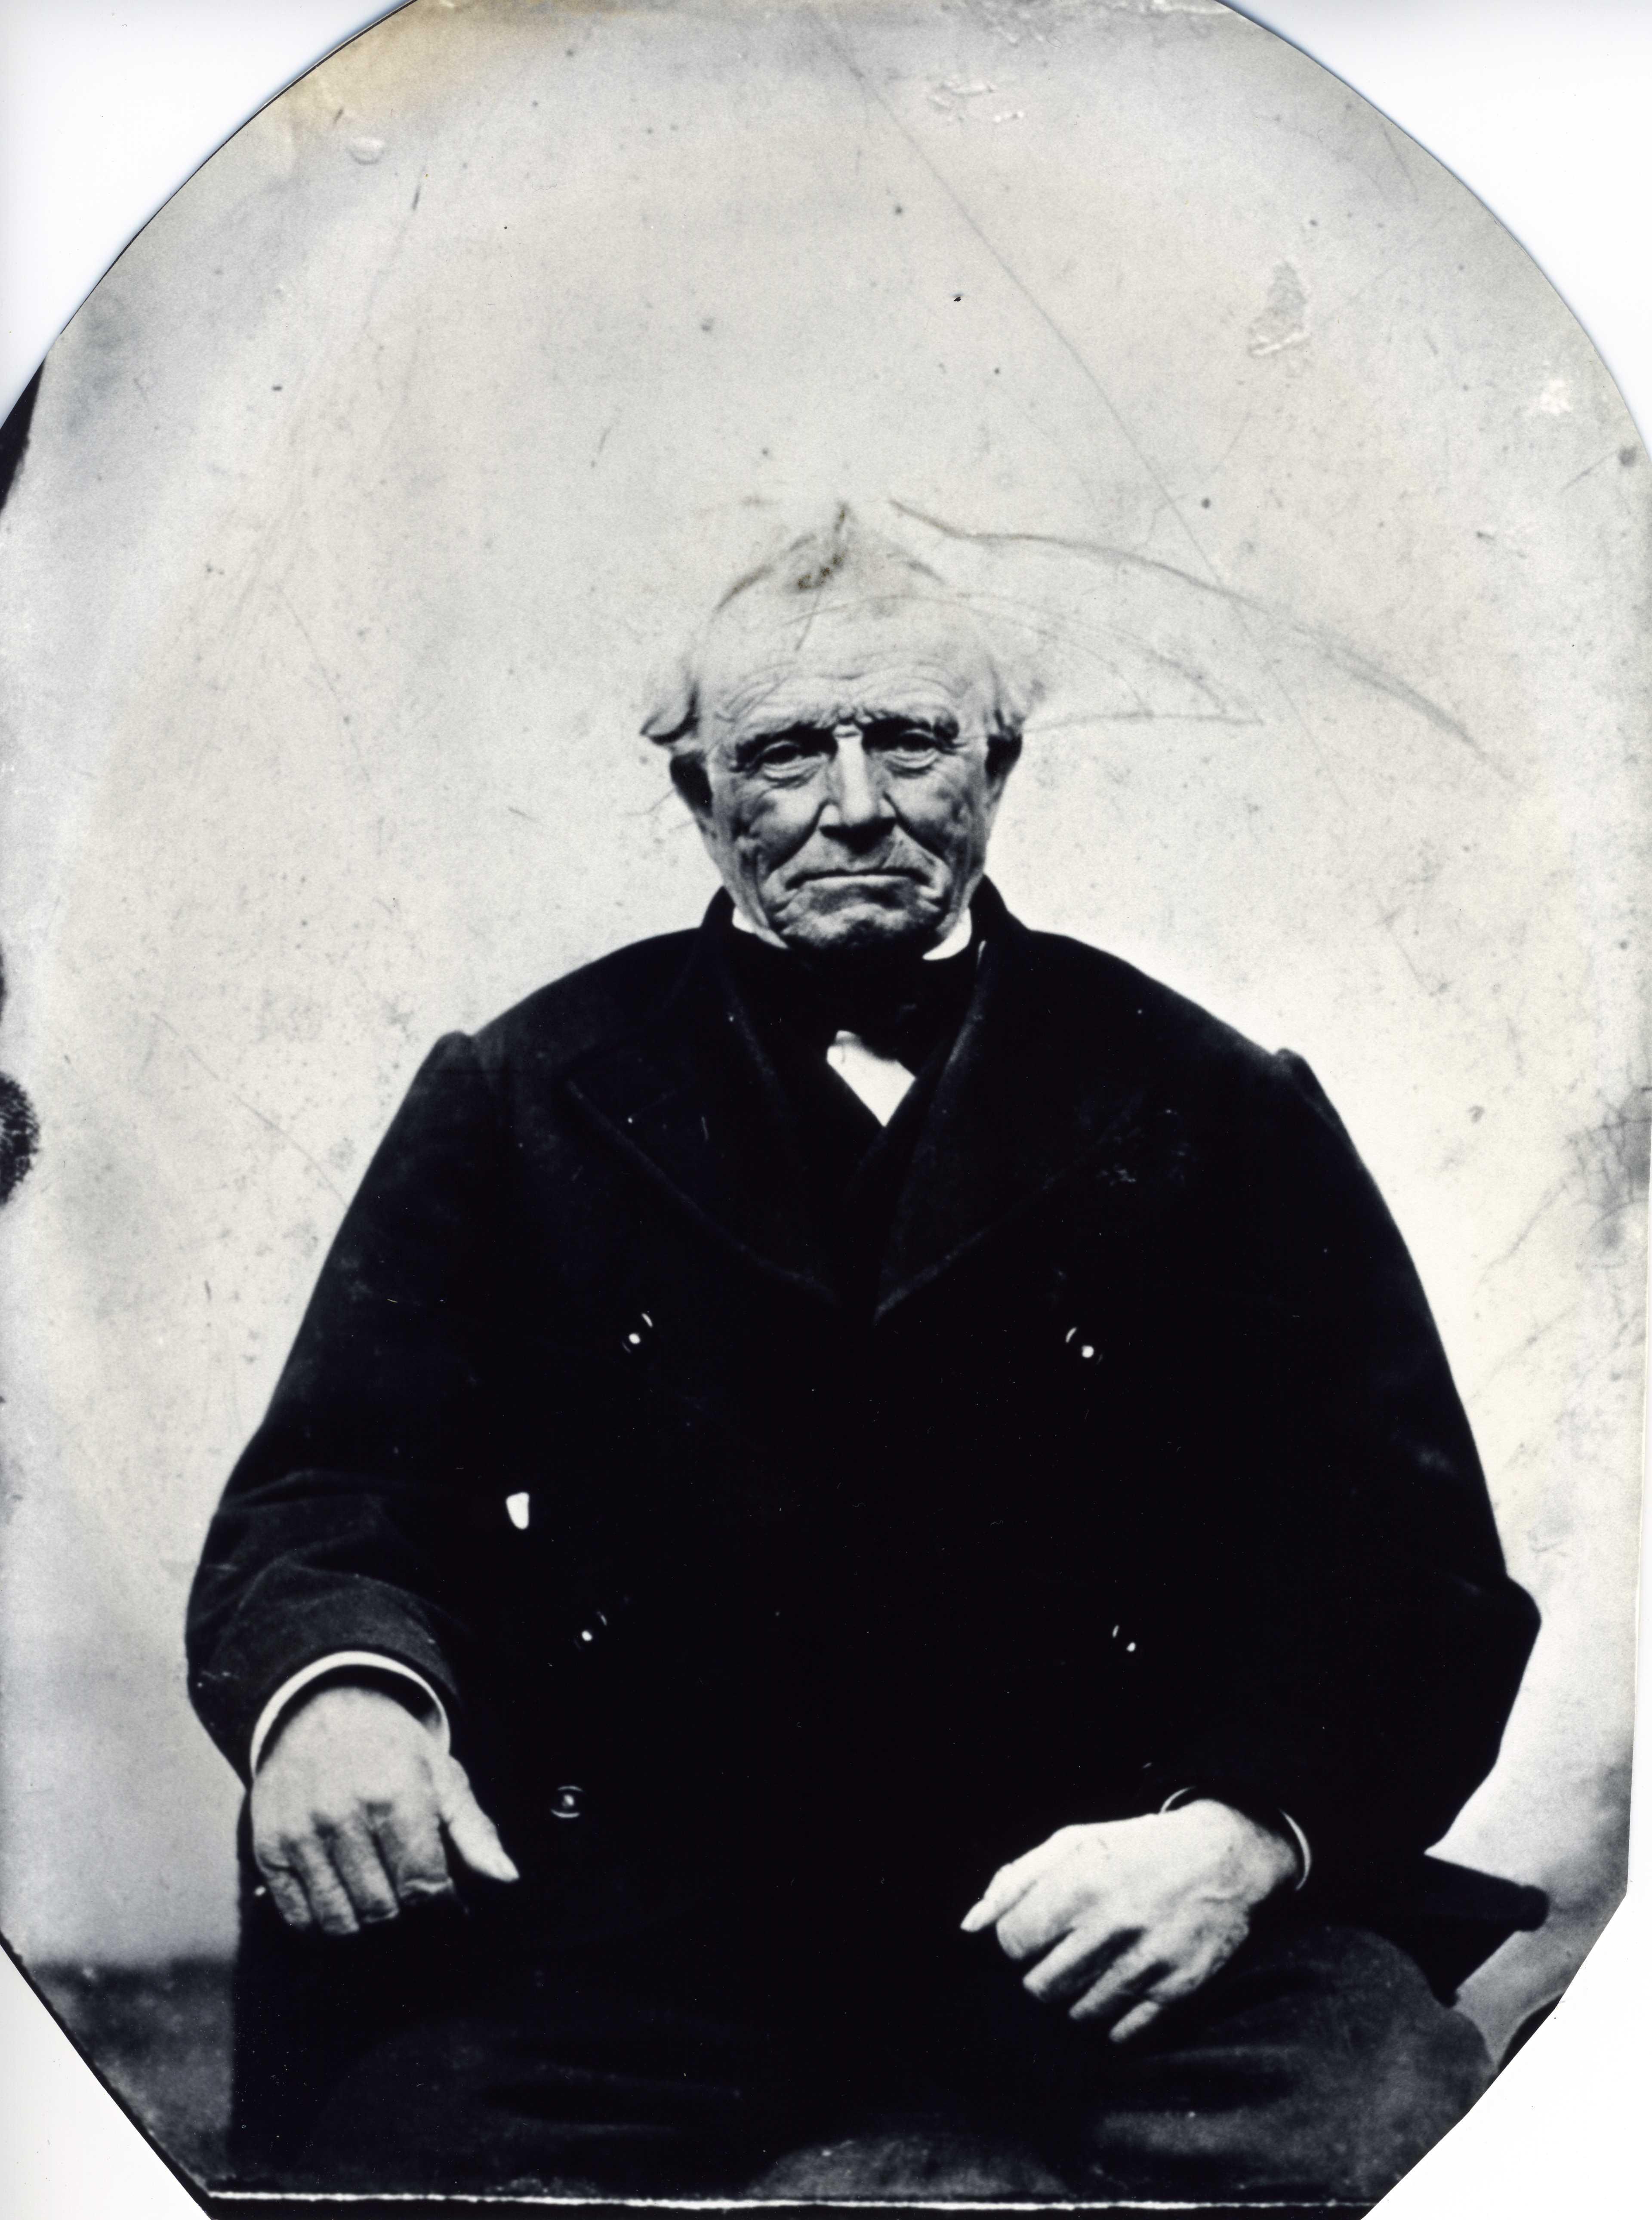 Capt Henry Gardiner